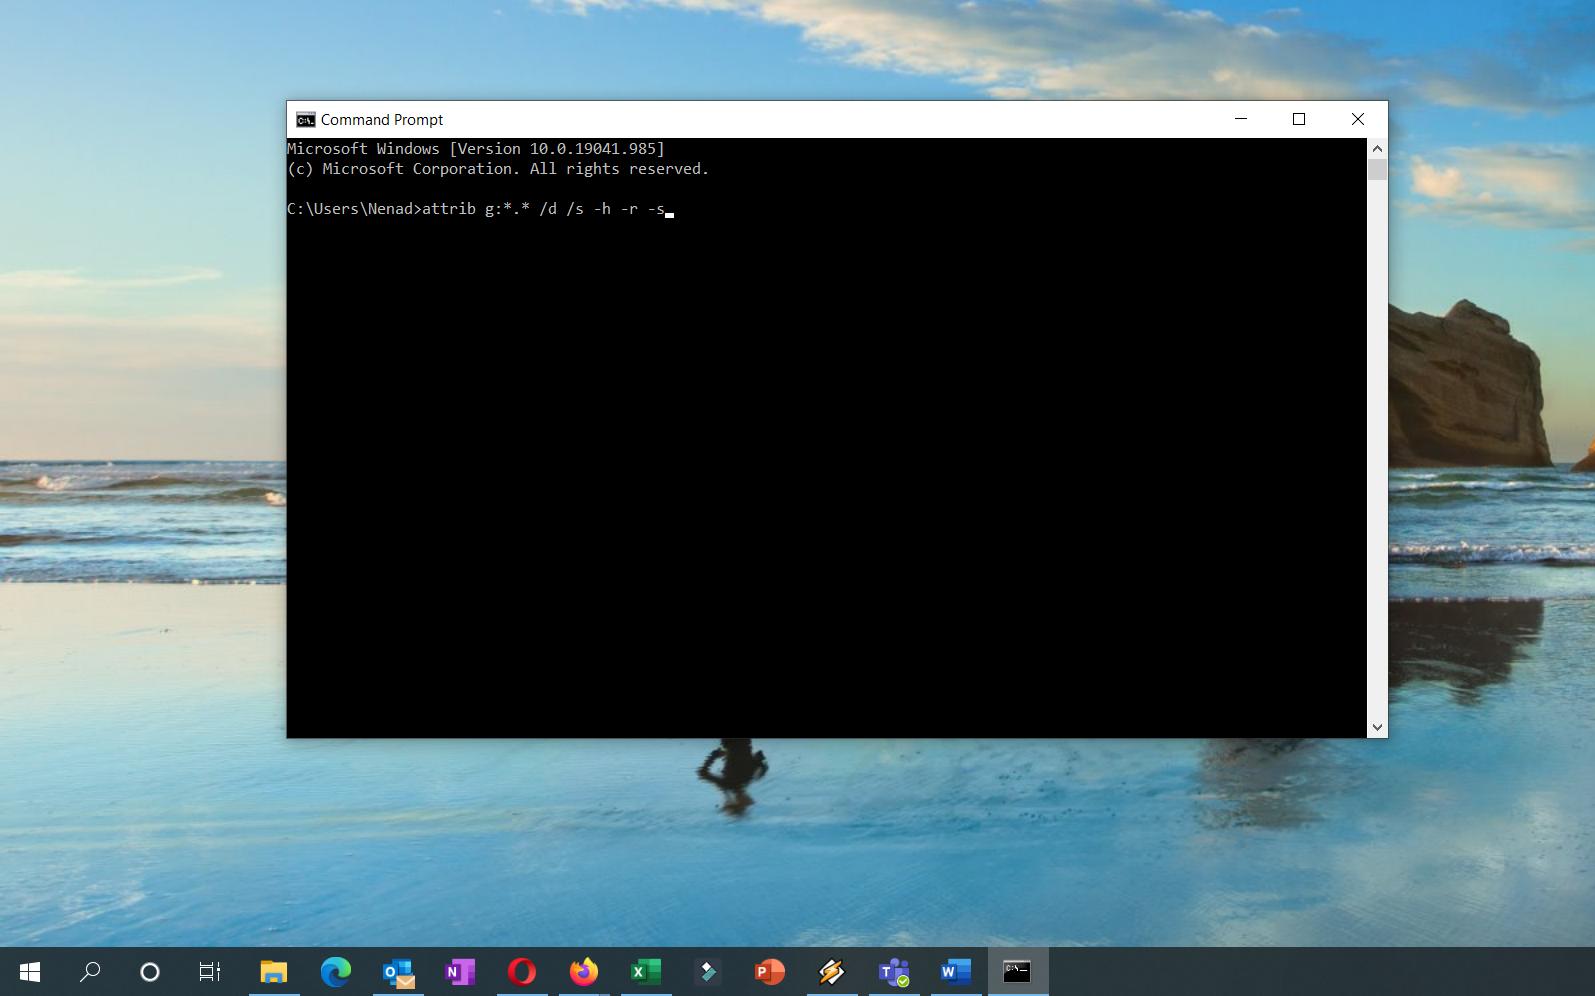 Check for VirusesMalware